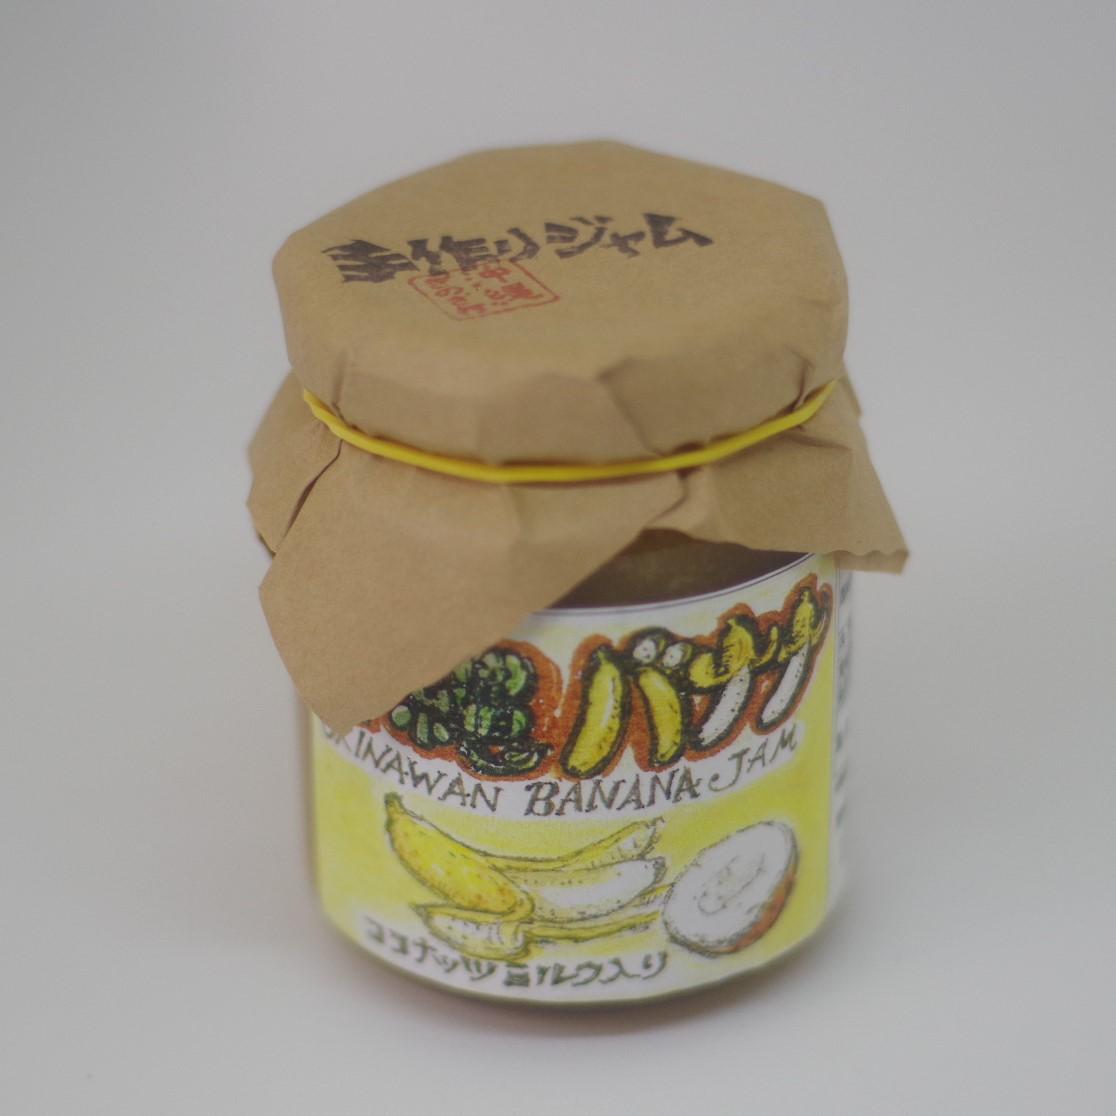 【ぎのざジャム工房】ココナッツミルク入り沖縄バナナジャム